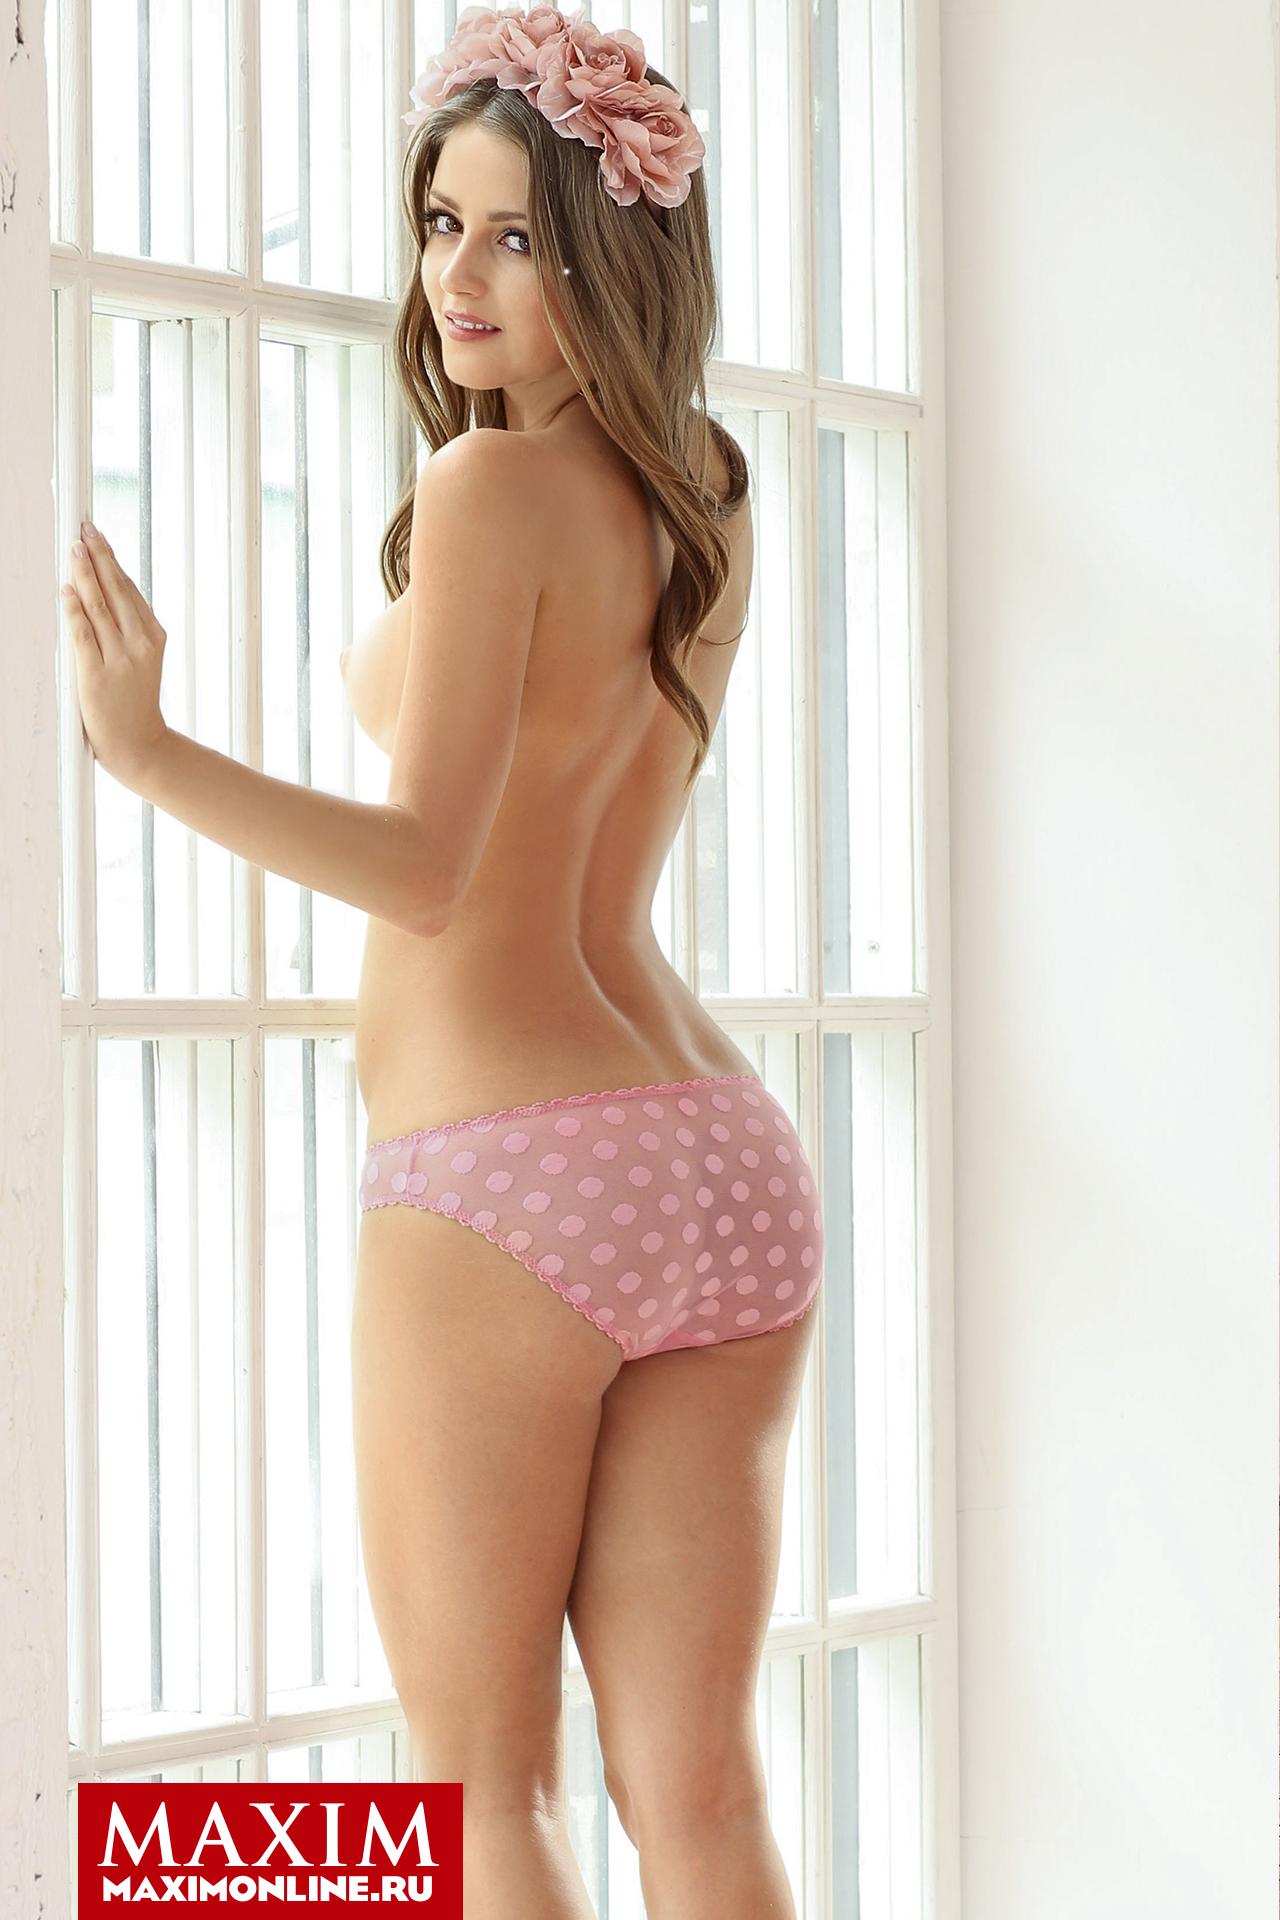 Неграми огромными голая яна в молодежки фотки порно галереи жирных